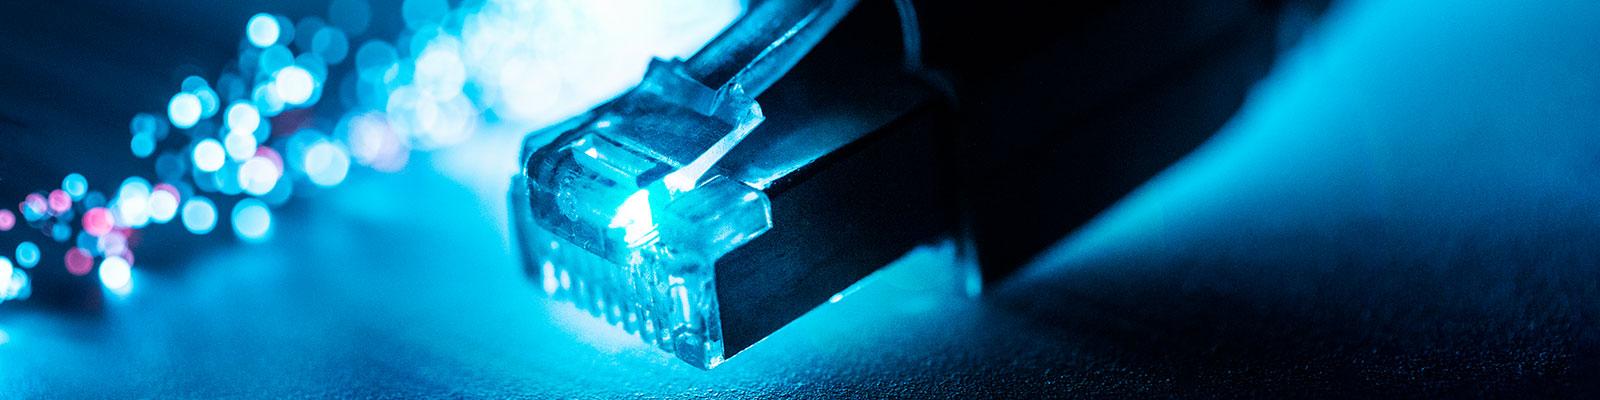 Netzwerkkabel zum Thema Netzpolitik; Quelle: dpa